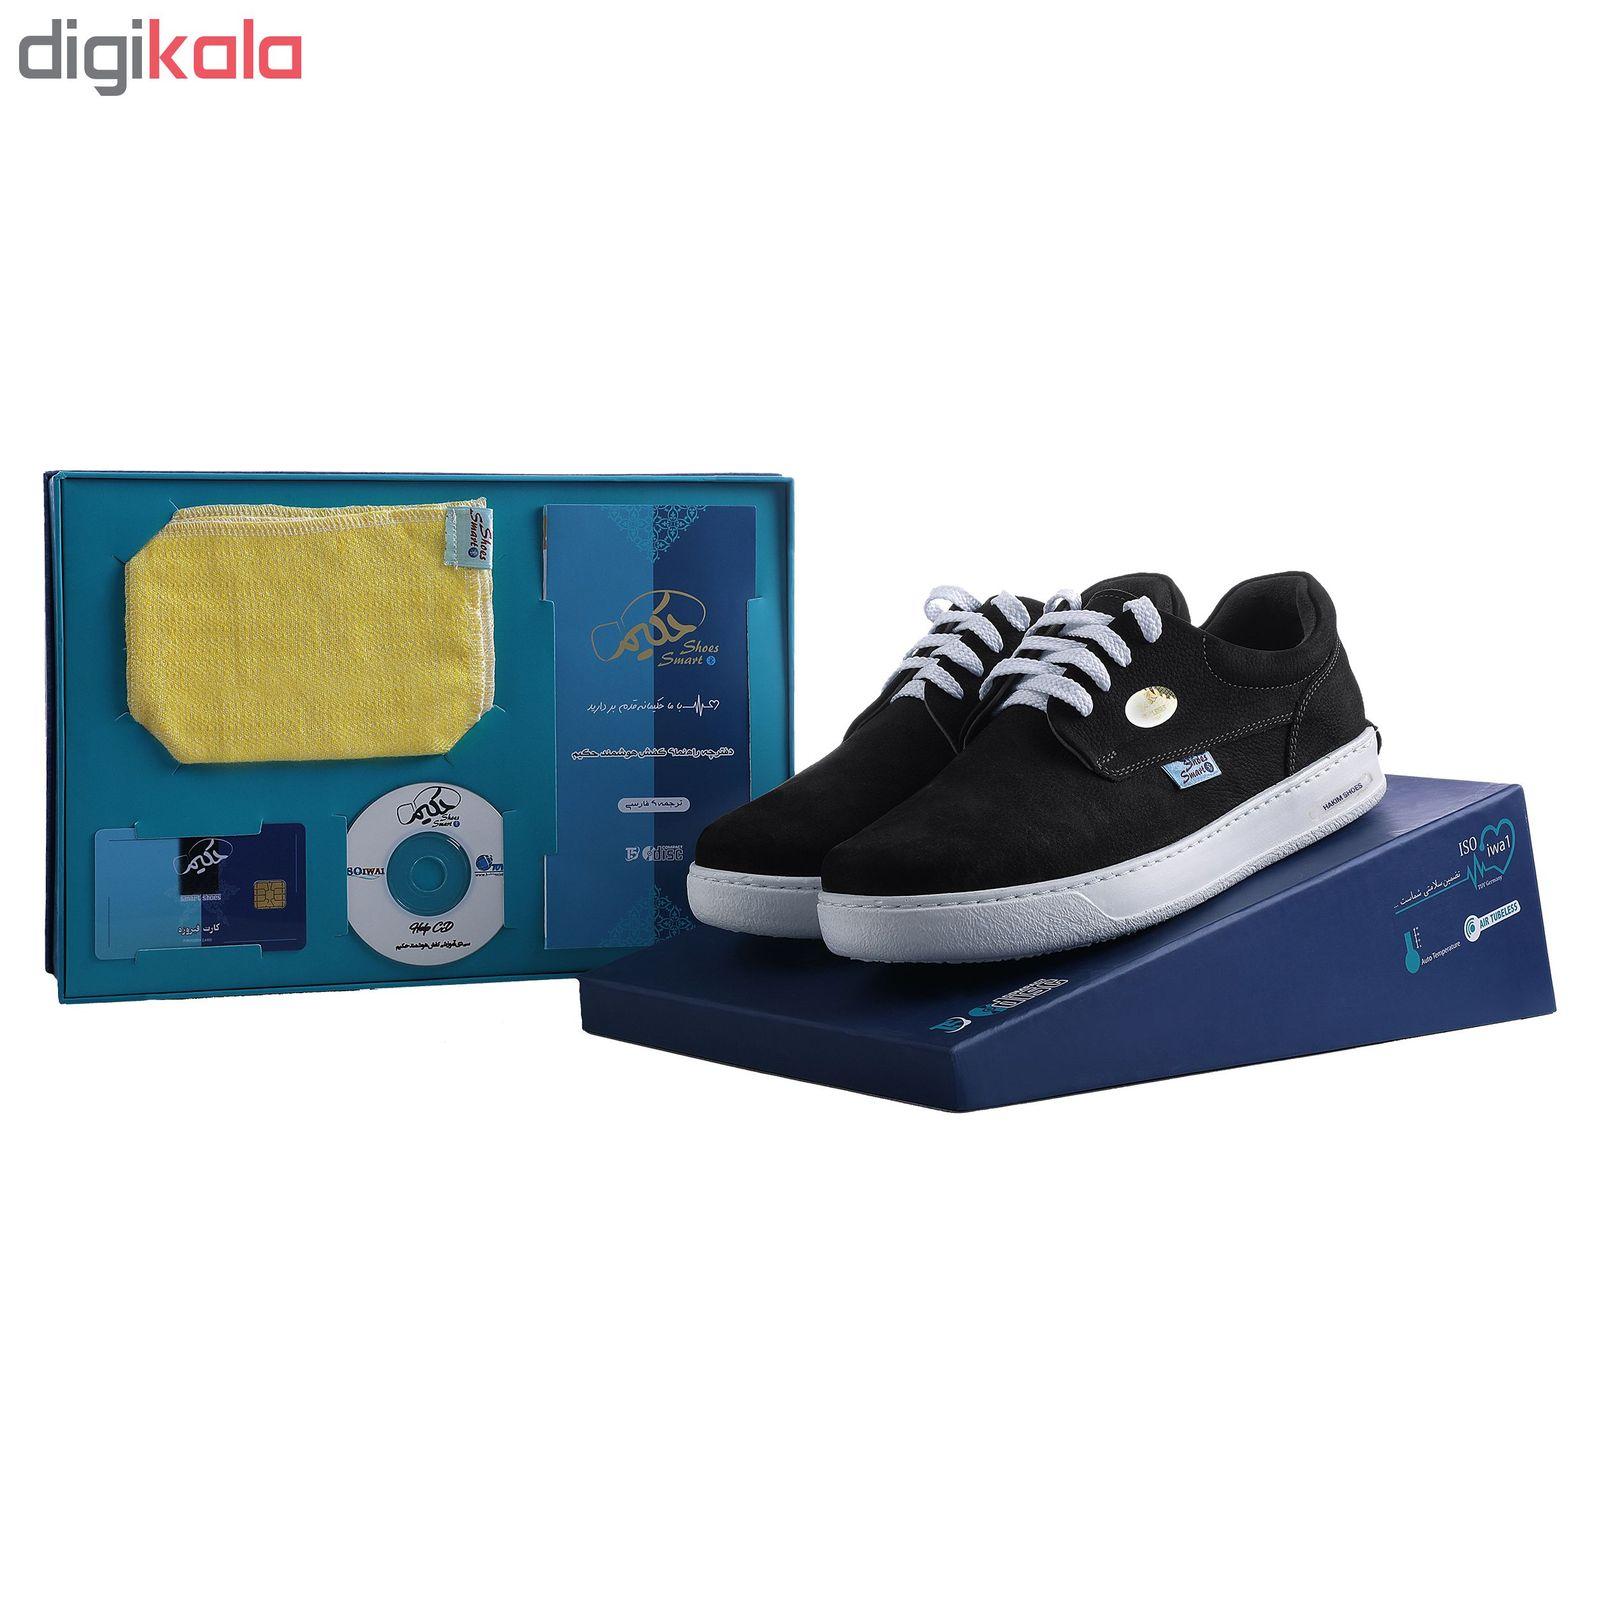 کفش روزمره هوشمند مردانه حکیم مدل T5 رنگ مشکی -  - 3